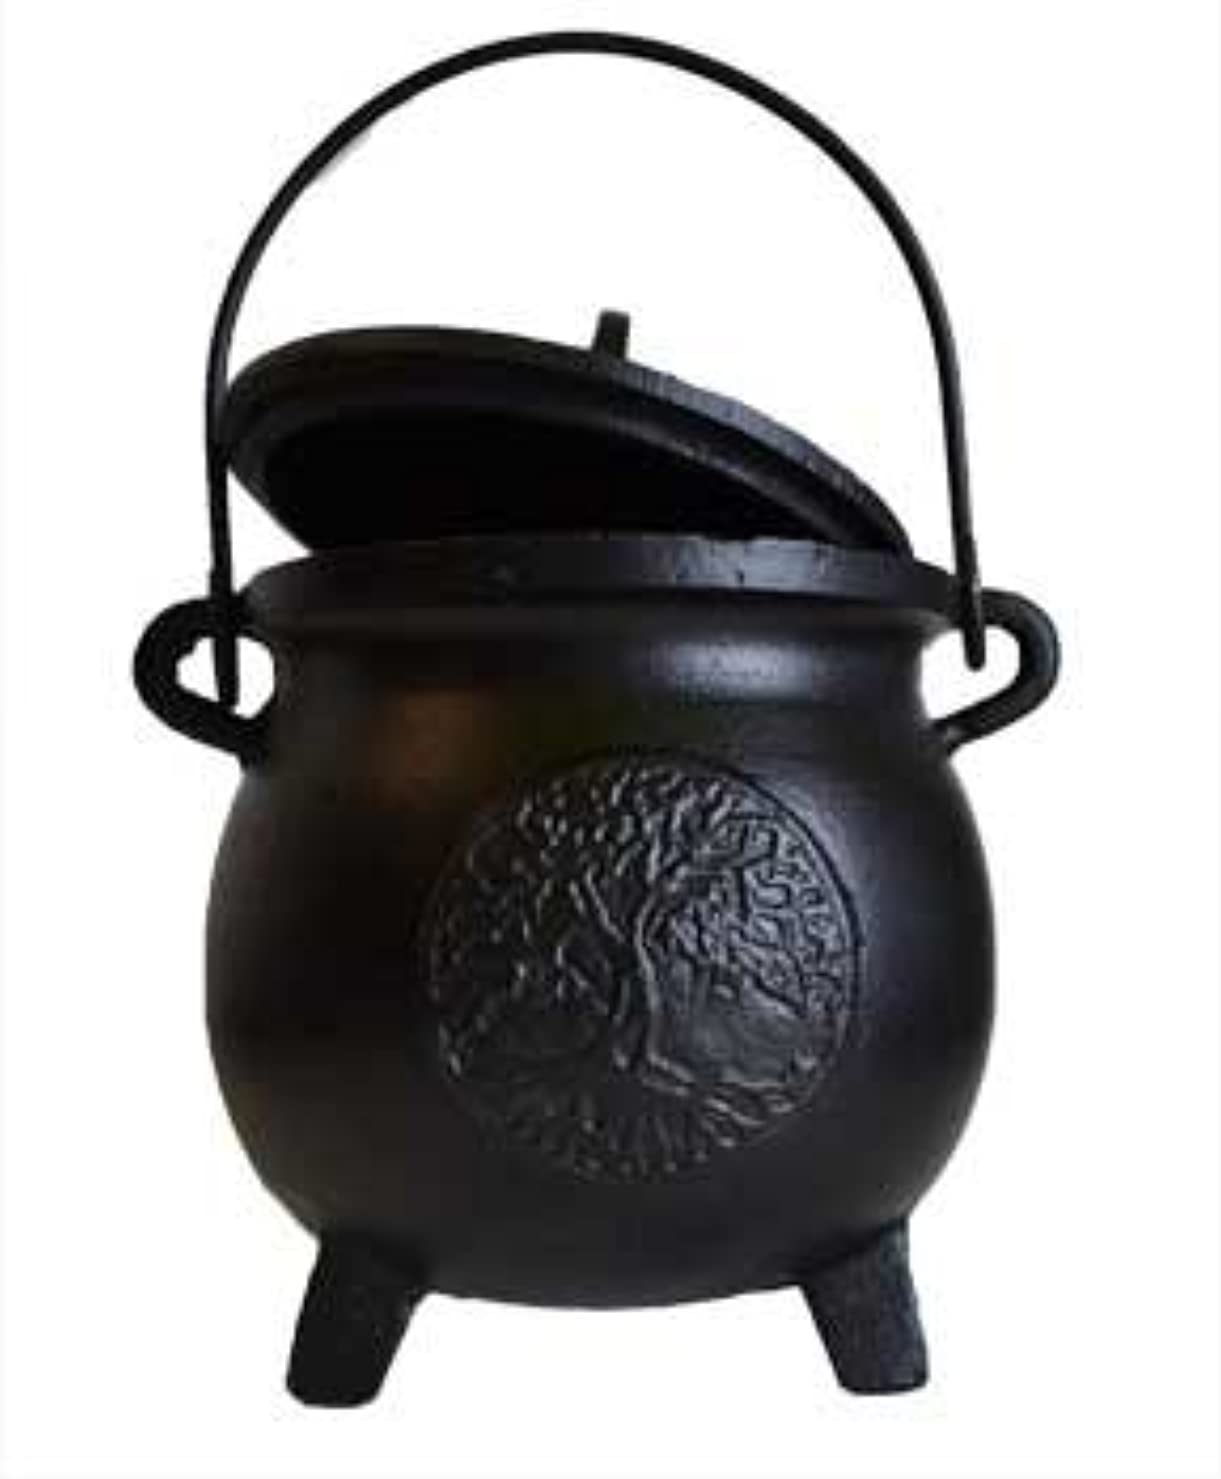 チューリップ目を覚ますカスタムHome Fragrance Potpourris Cauldrons Tree of Life鋳鉄3つ脚でハンドルと蓋Large 8?